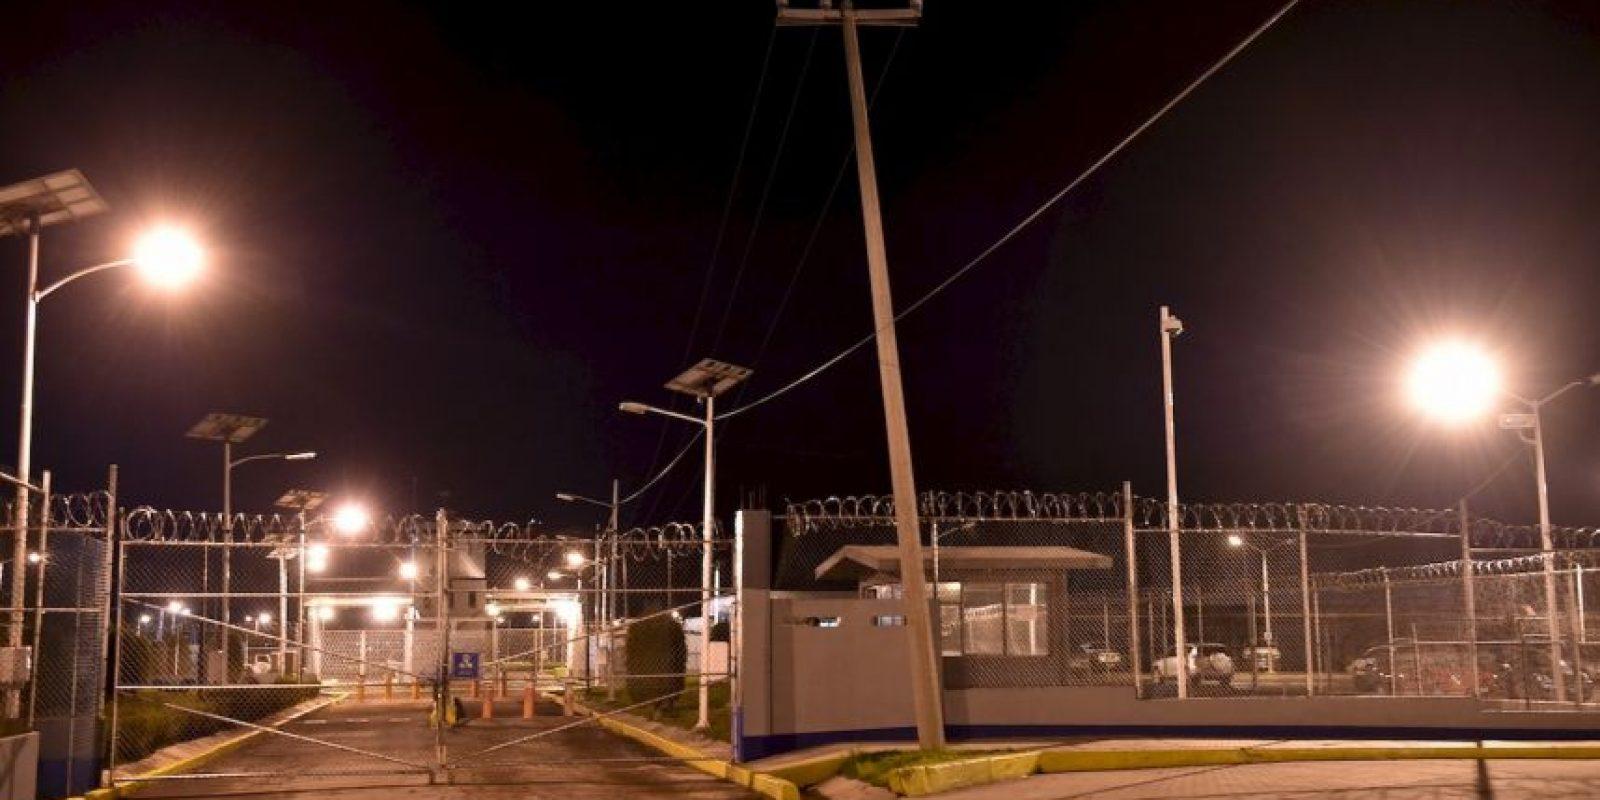 También el secretario de Gobernación, Miguel Ángel Osorio Chong, informó que está en estrecha comunicación con autoridades de Estados Unidos, Guatemala y Belice para monitorear el ingreso de Guzmán Loera a esos países Foto:AFP